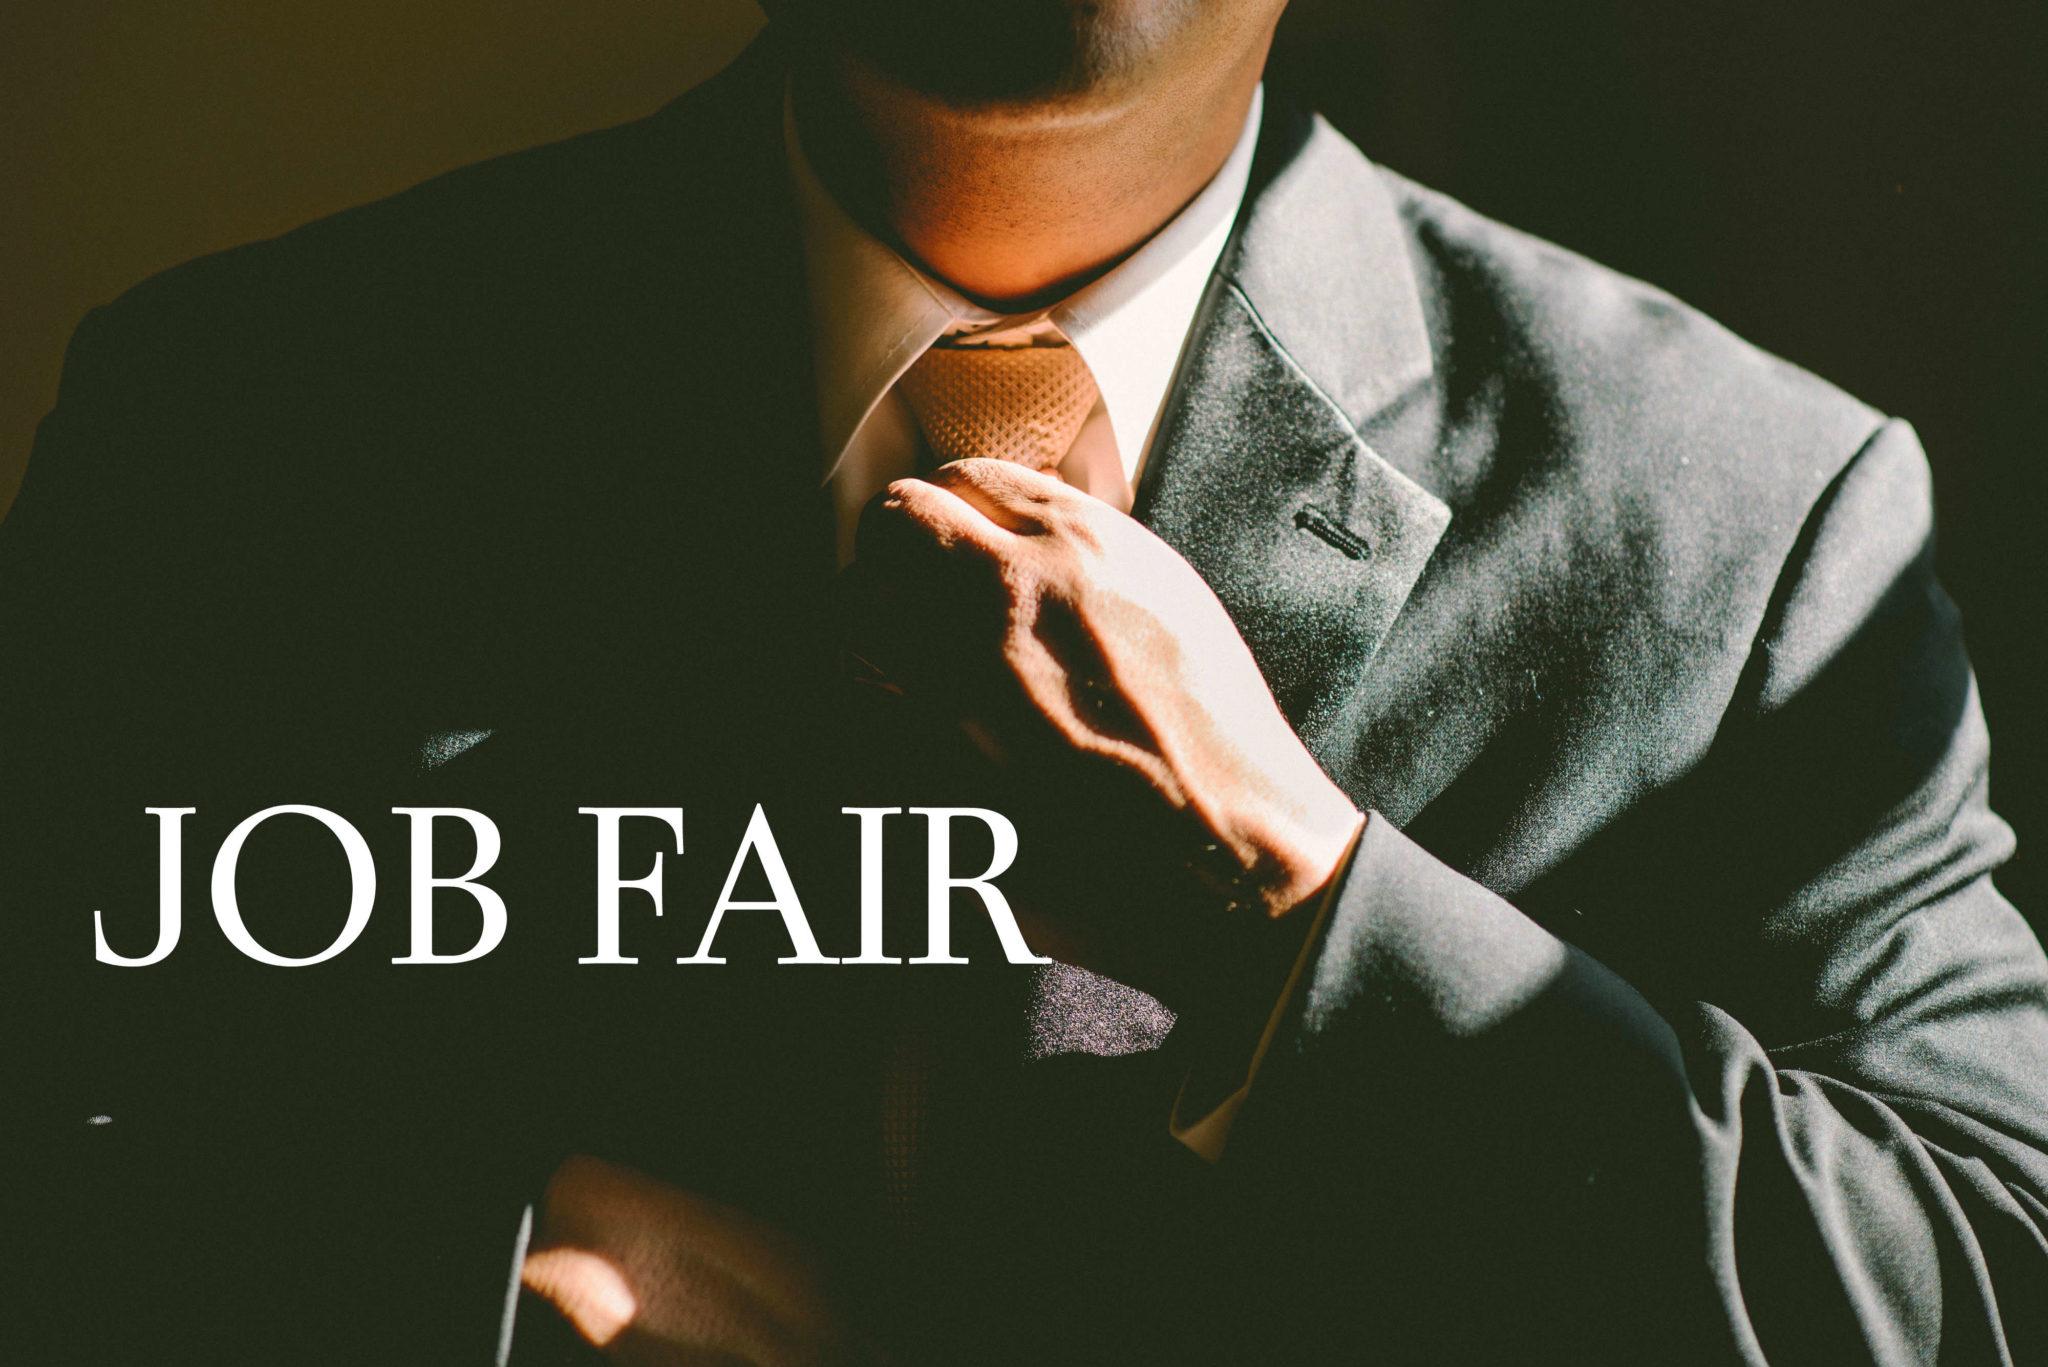 Job Fair Tips